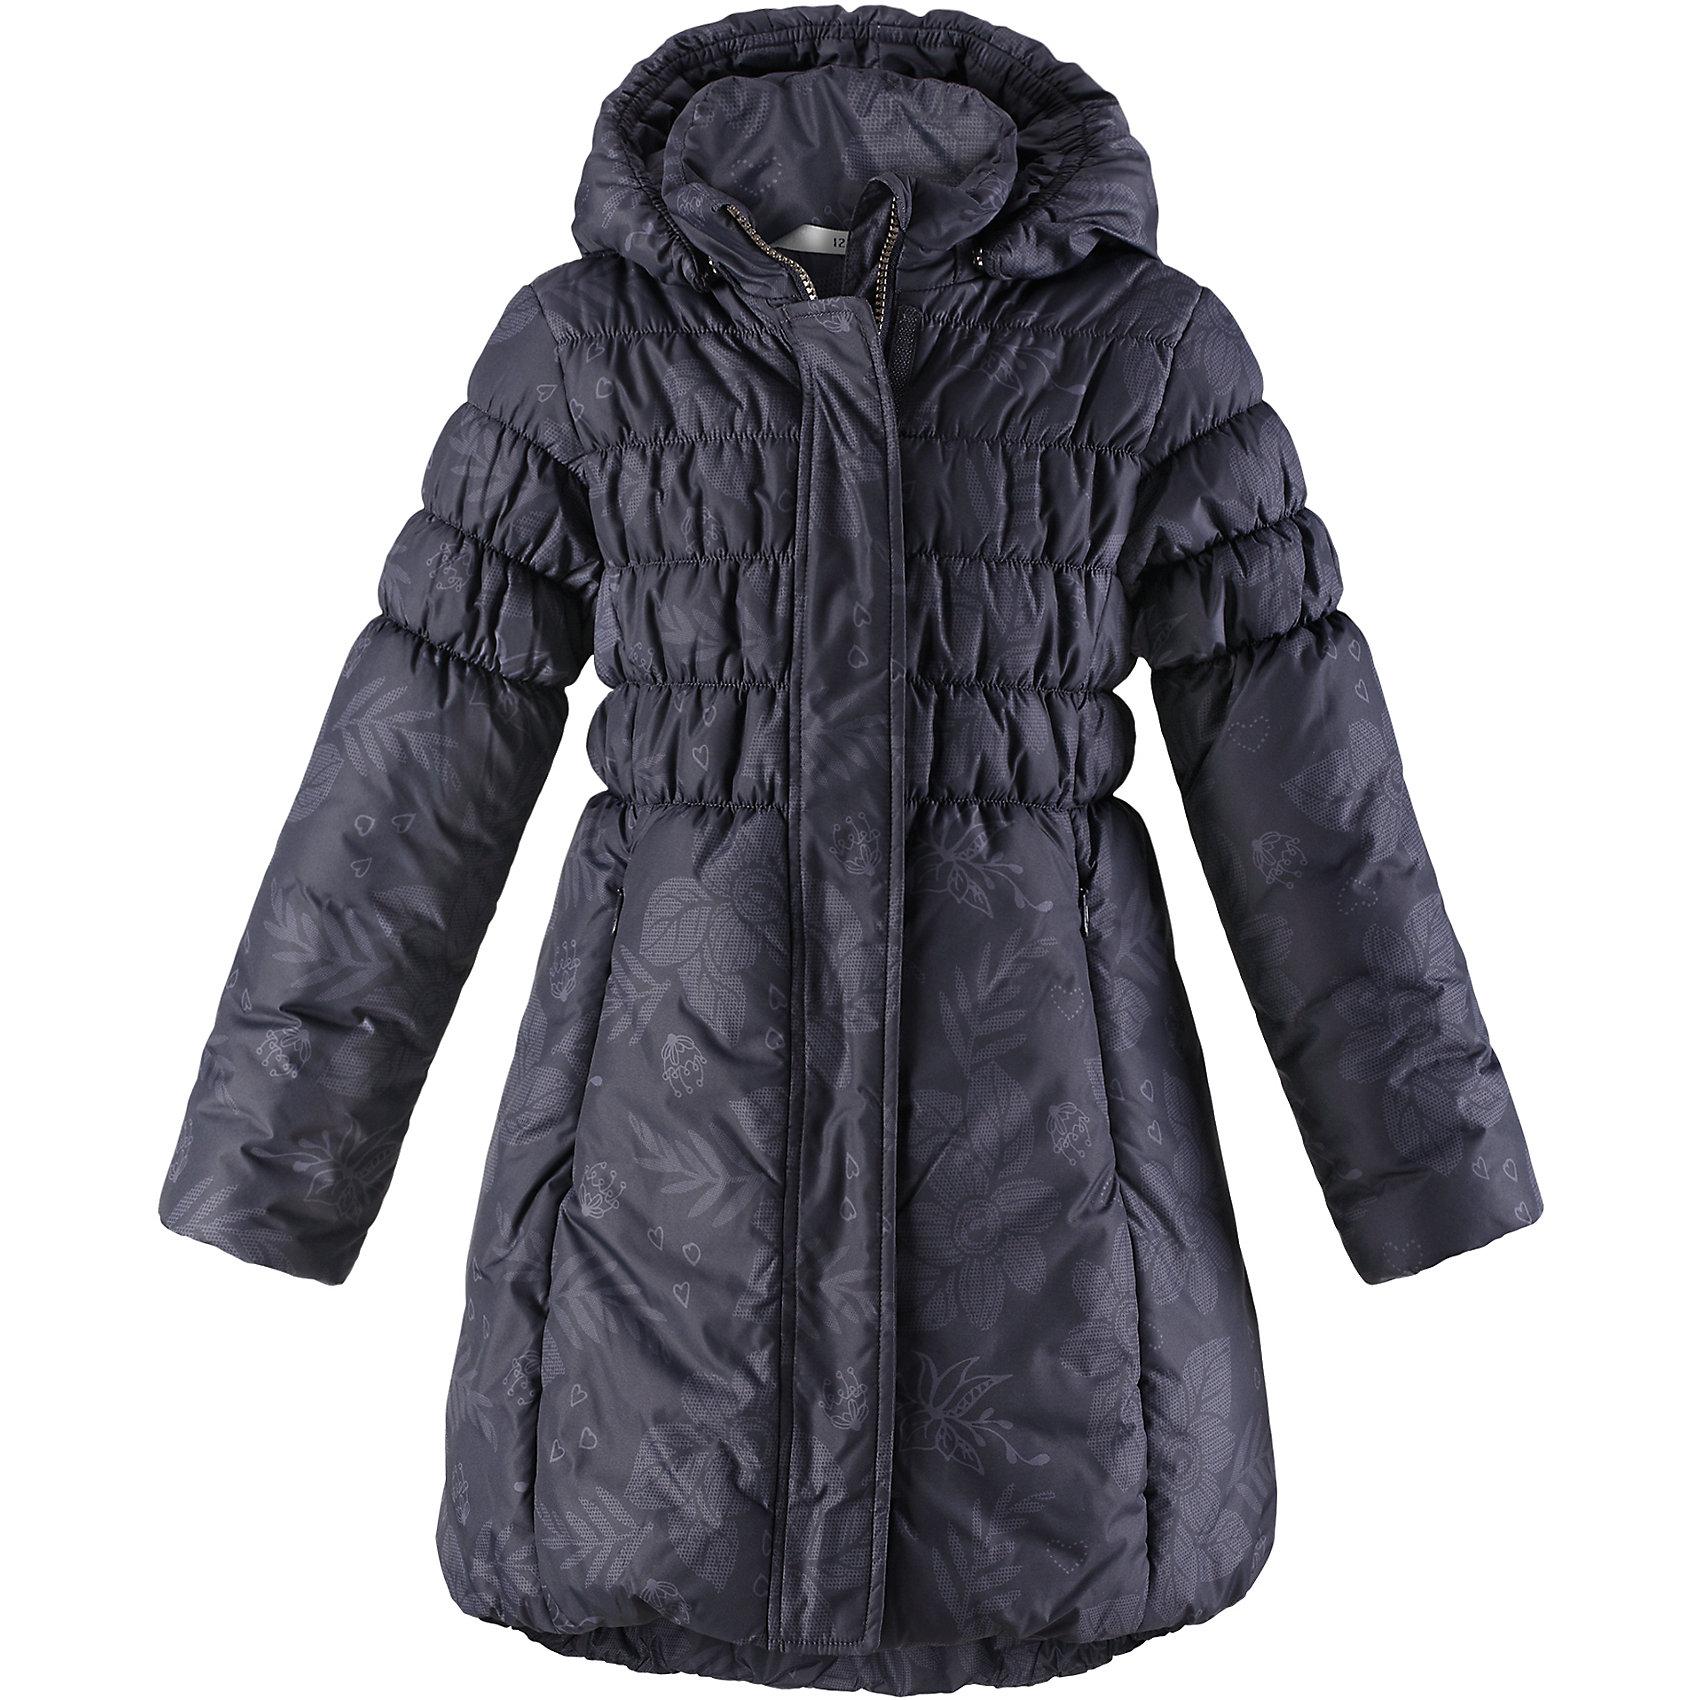 Пальто Lassie для девочкиОдежда<br>Характеристики товара:<br><br>• цвет: черный;<br>• состав: 100% полиэстер, полиуретановое покрытие;<br>• подкладка: 100% полиэстер;<br>• утеплитель: 200 г/м2;<br>• сезон: зима;<br>• температурный режим: от 0 до -25С;<br>• водонепроницаемость: 1000 мм;<br>• воздухопроницаемость: 2000 мм;<br>• износостойкость: 15000 циклов (тест Мартиндейла);<br>• особенности: стеганое, удлиненное пальто;<br>• застежка: молния с дополнительной защитной планкой;<br>• водоотталкивающий, ветронепроницаемый и дышащий материал;<br>• гладкая подкладка из полиэстера;<br>• безопасный съемный капюшон; <br>• эластичные манжеты рукавов; <br>• эластичная кромка подола;<br>• карманы в боковых швах;<br>• светоотражающие детали;<br>• страна бренда: Финляндия;<br>• страна изготовитель: Китай;<br><br>Зимнее стеганое пальто на молнии и с капюшоном. Удлиненная модель для девочек. Пальто изготовлено из ветронепроницаемого, дышащего материала с верхним водо- и ветронепроницаемым слоем – в нем будет тепло и комфортно во время веселых прогулок. <br><br>Пальто Lassie (Ласси) для девочки можно купить в нашем интернет-магазине.<br><br>Ширина мм: 356<br>Глубина мм: 10<br>Высота мм: 245<br>Вес г: 519<br>Цвет: серый<br>Возраст от месяцев: 108<br>Возраст до месяцев: 120<br>Пол: Женский<br>Возраст: Детский<br>Размер: 140,92,98,104,110,116,122,128,134<br>SKU: 6927601